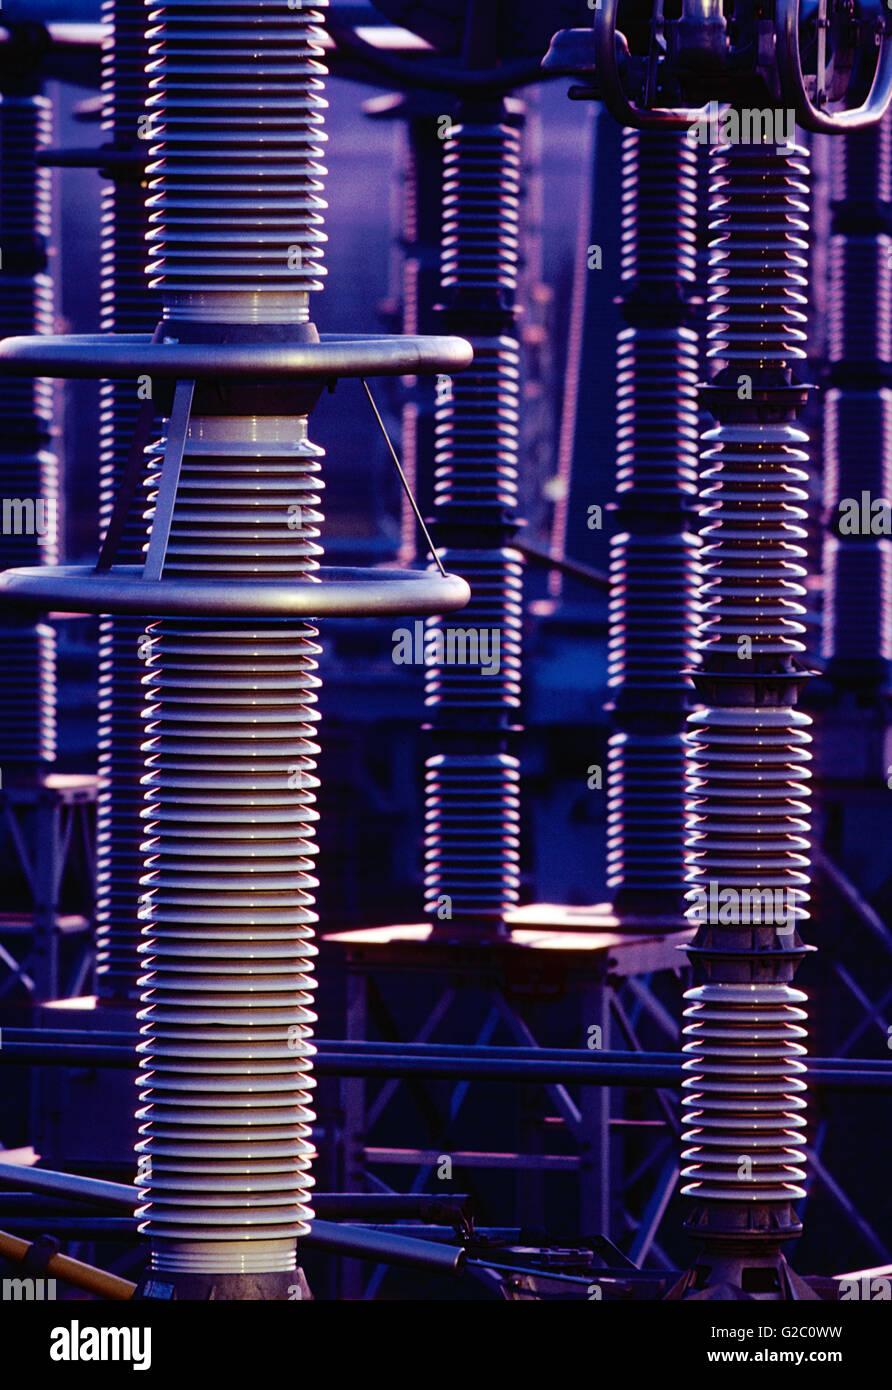 Abenddämmerung auf der elektrischen Übertragung Hof; Limerick Atomkraftwerk; Limerick; Pennsylvania; USA Stockbild